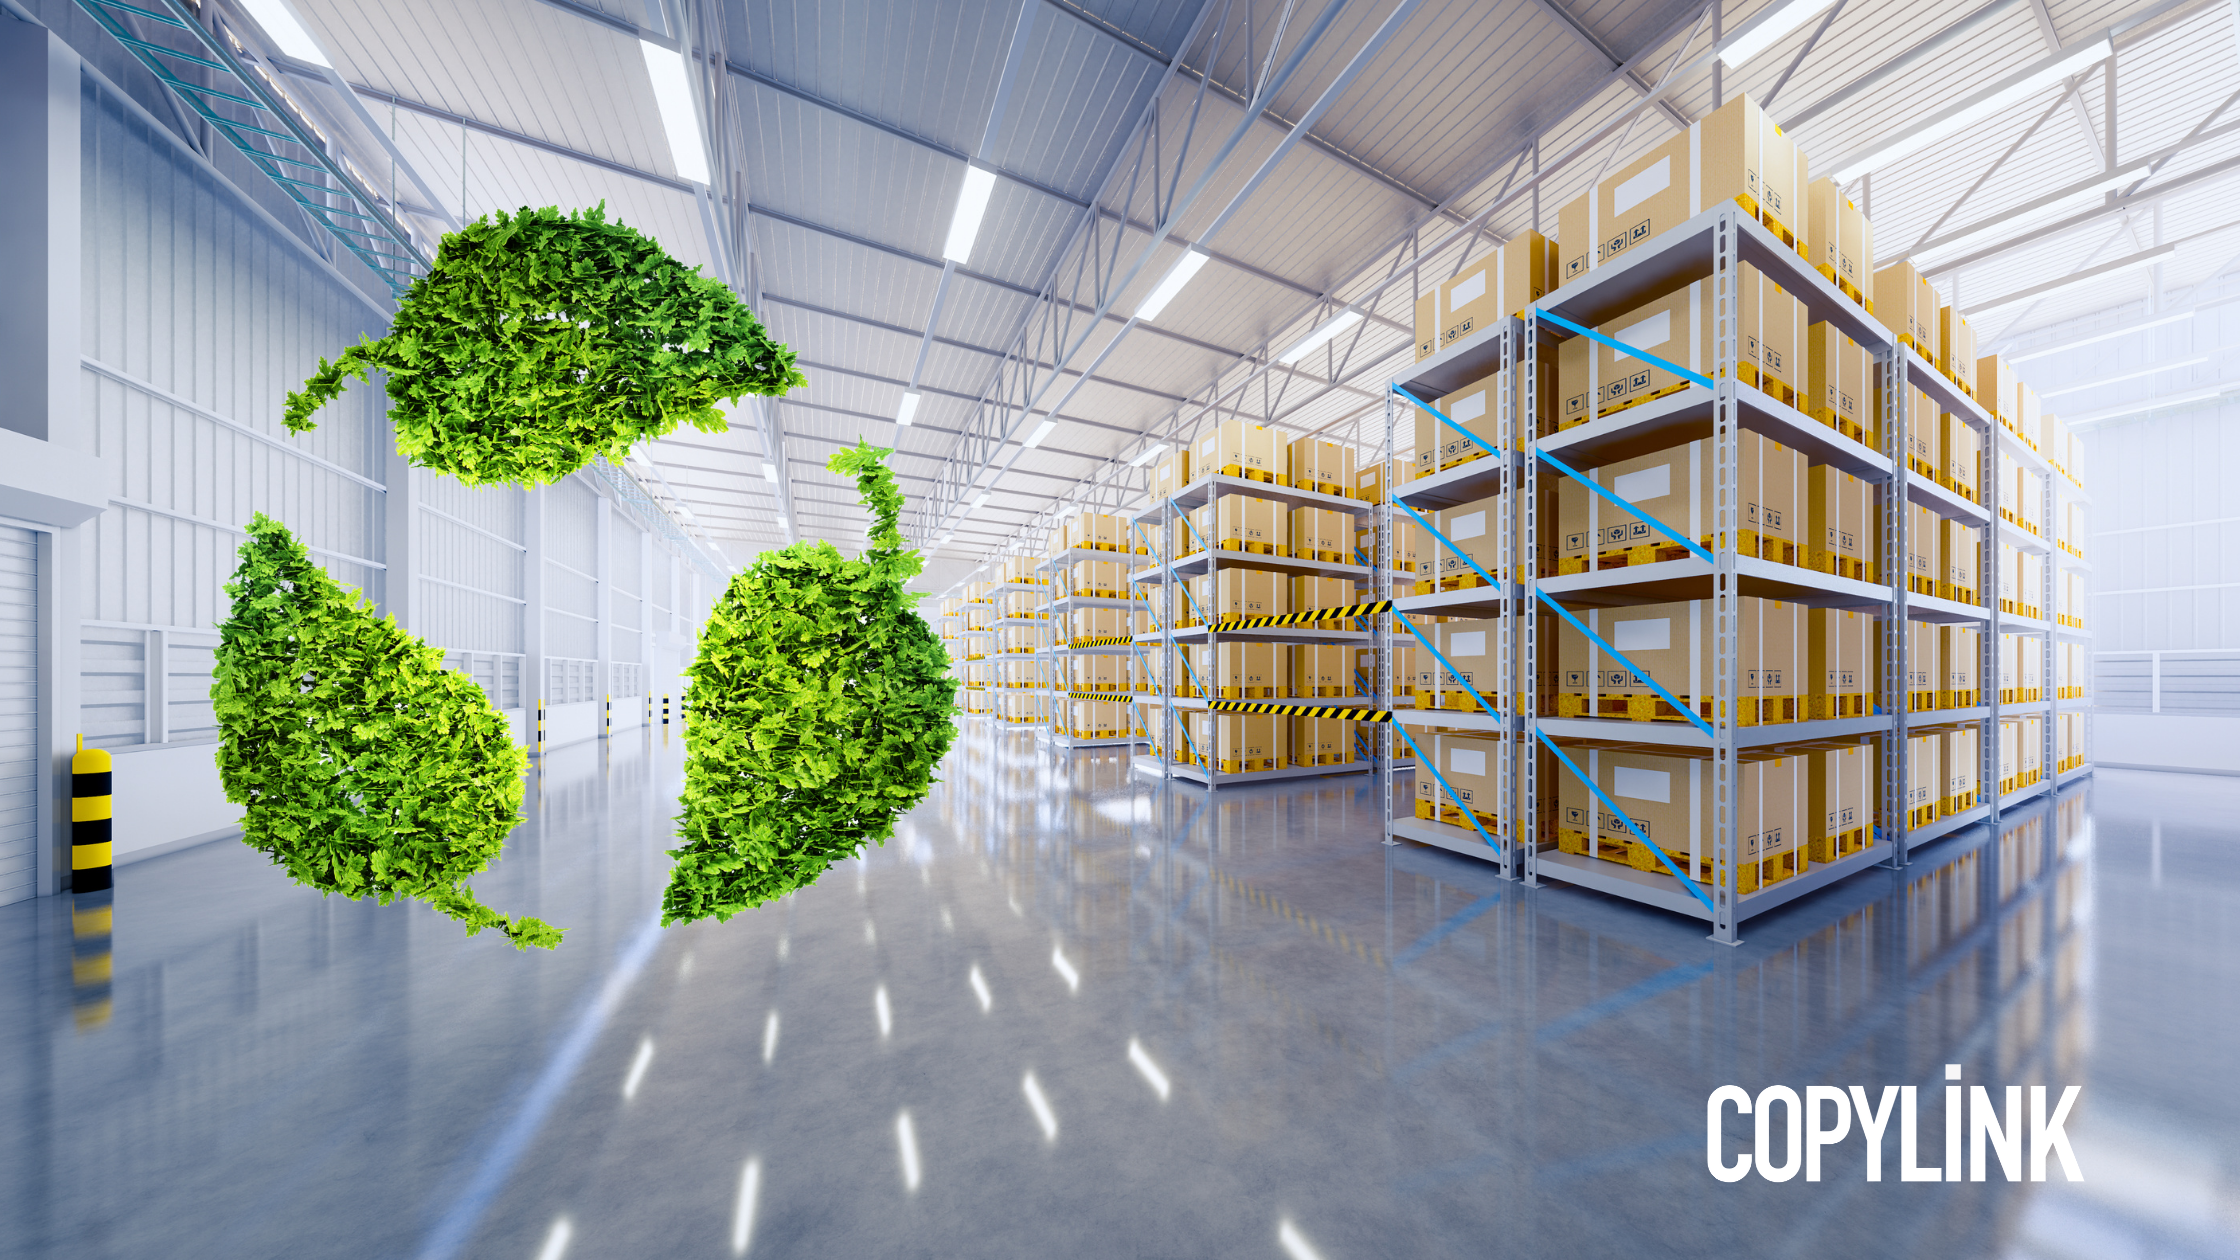 E-commerce sustentável com DANFE Simplificado